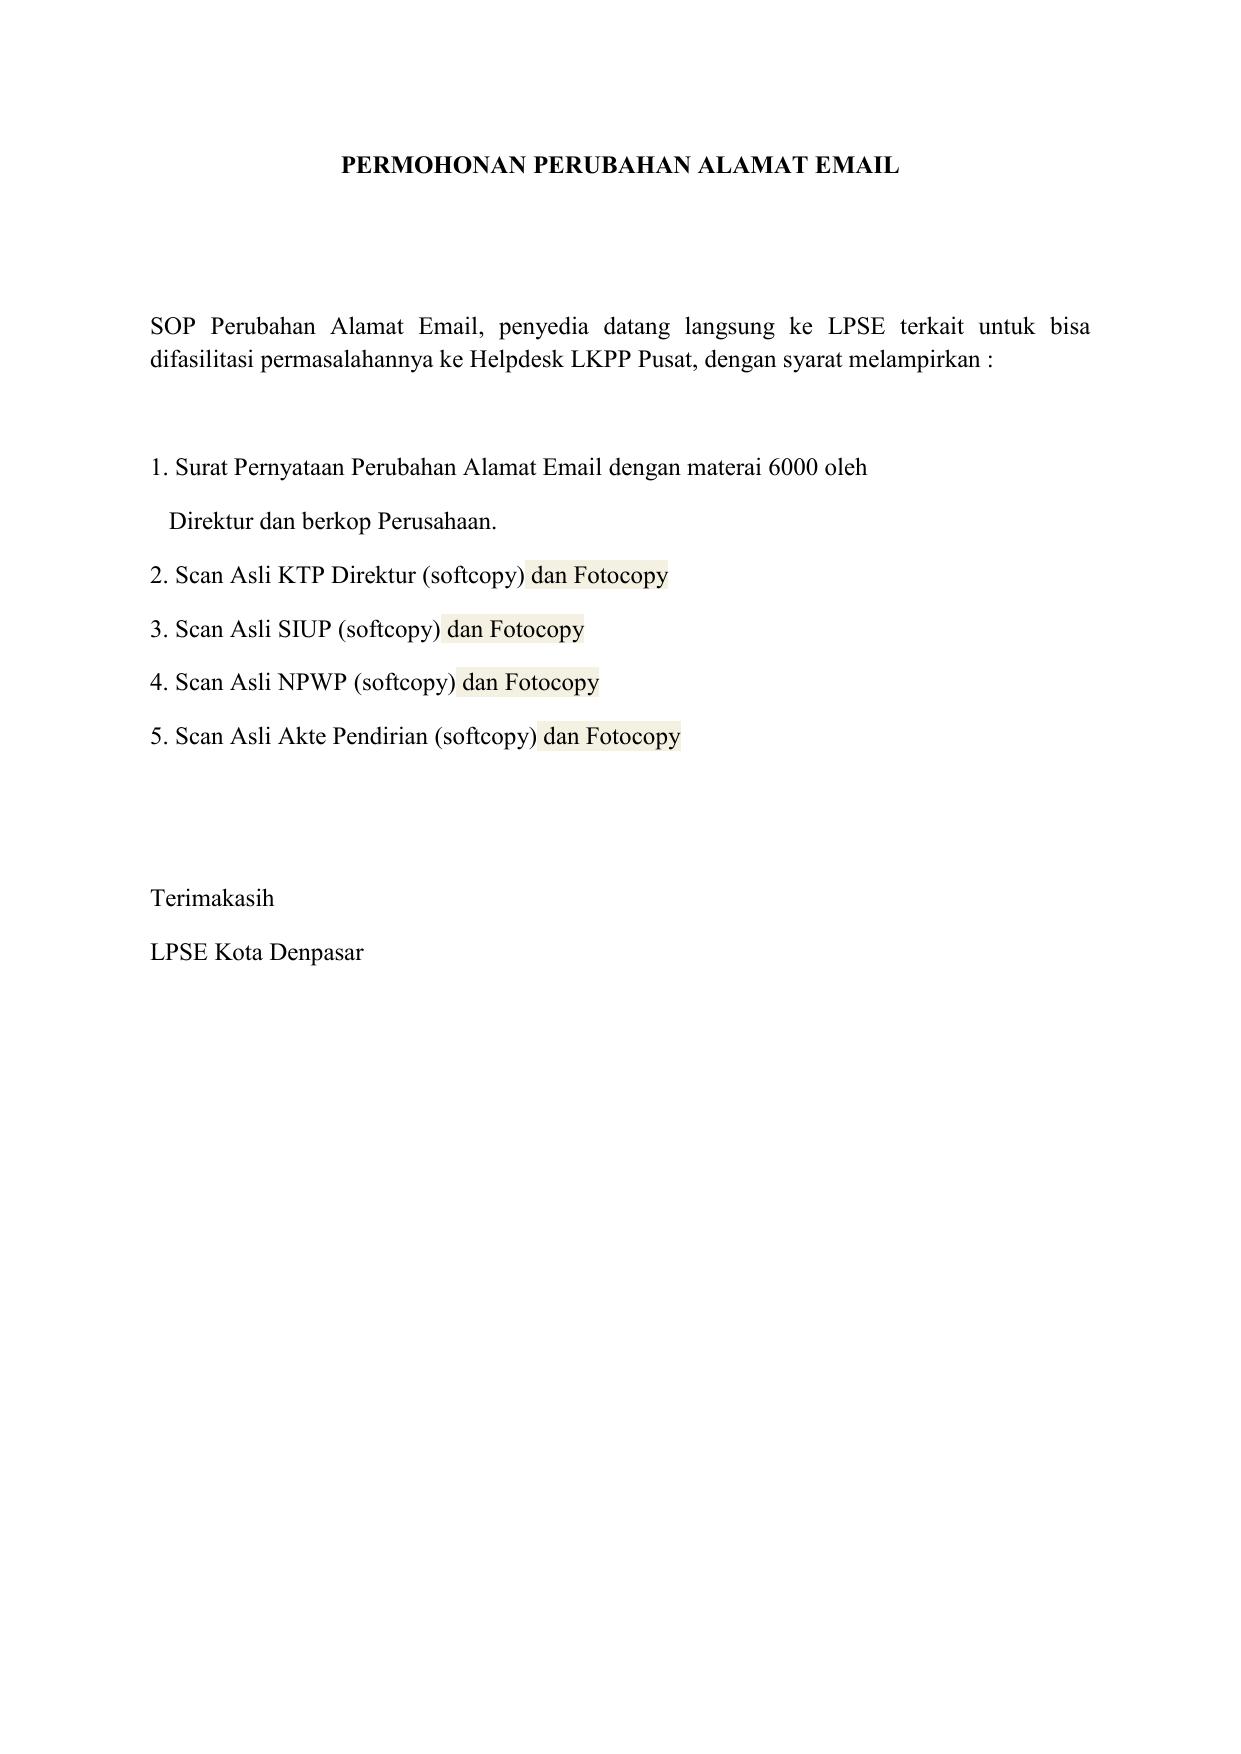 Surat Pengajuan Perubahan Alamat Email